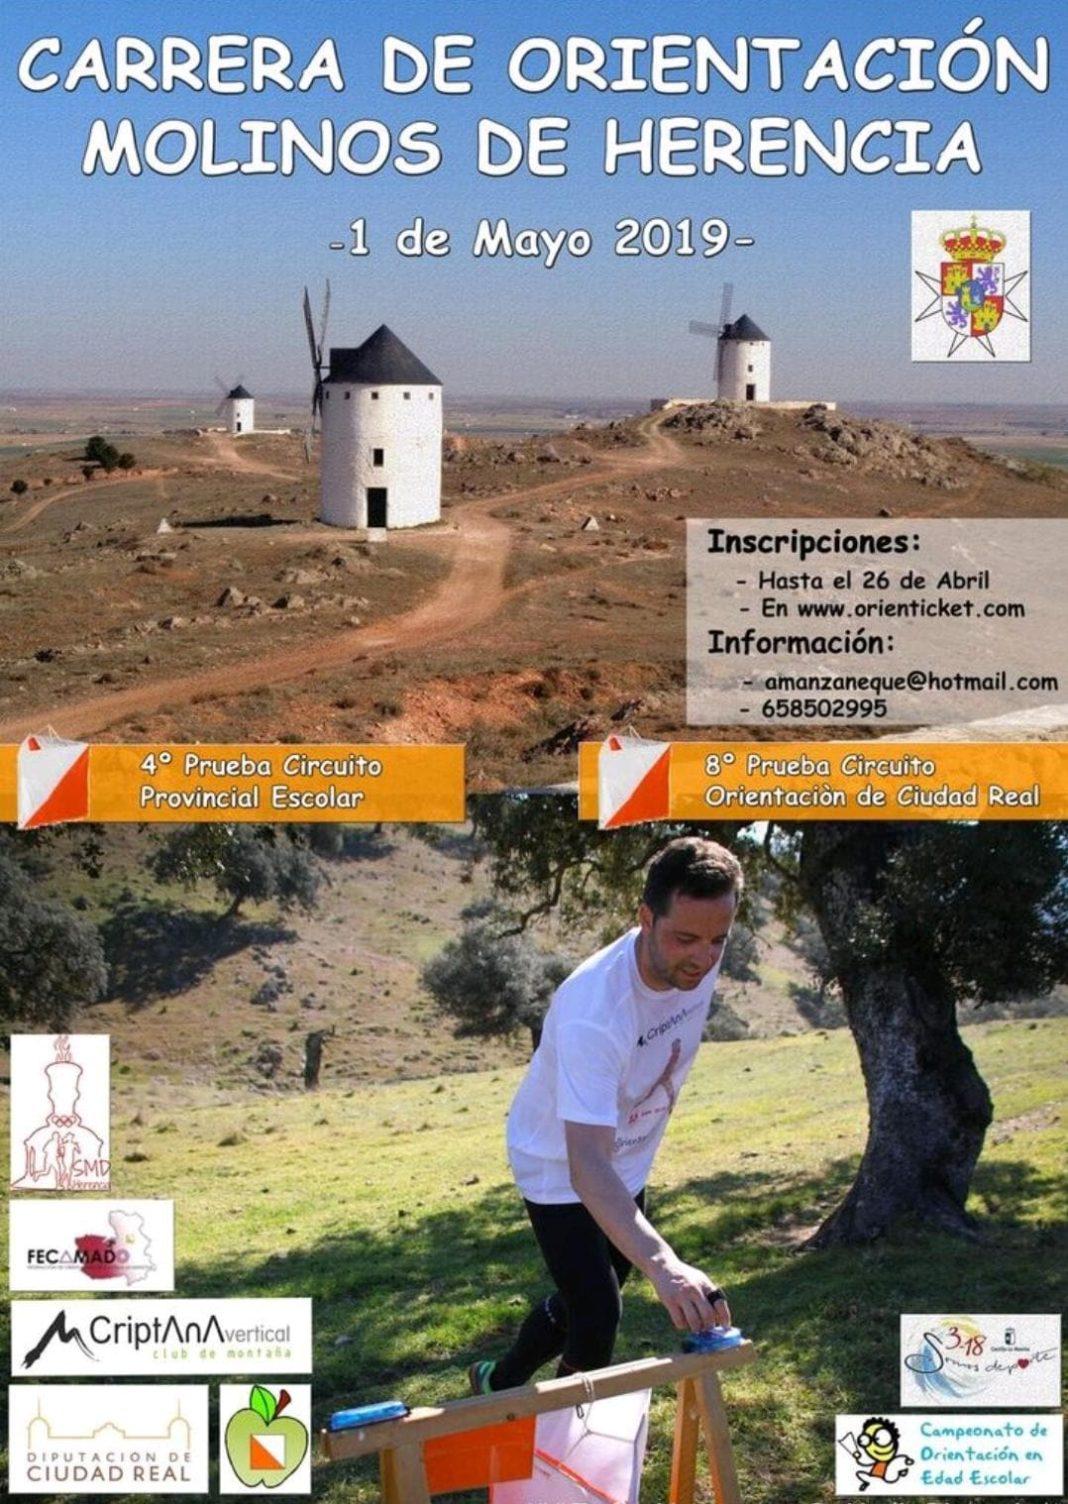 carrera orientacion herencia mayo 2019 1068x1504 - Carrera de Orientación Molinos de Herencia el 1 de mayo